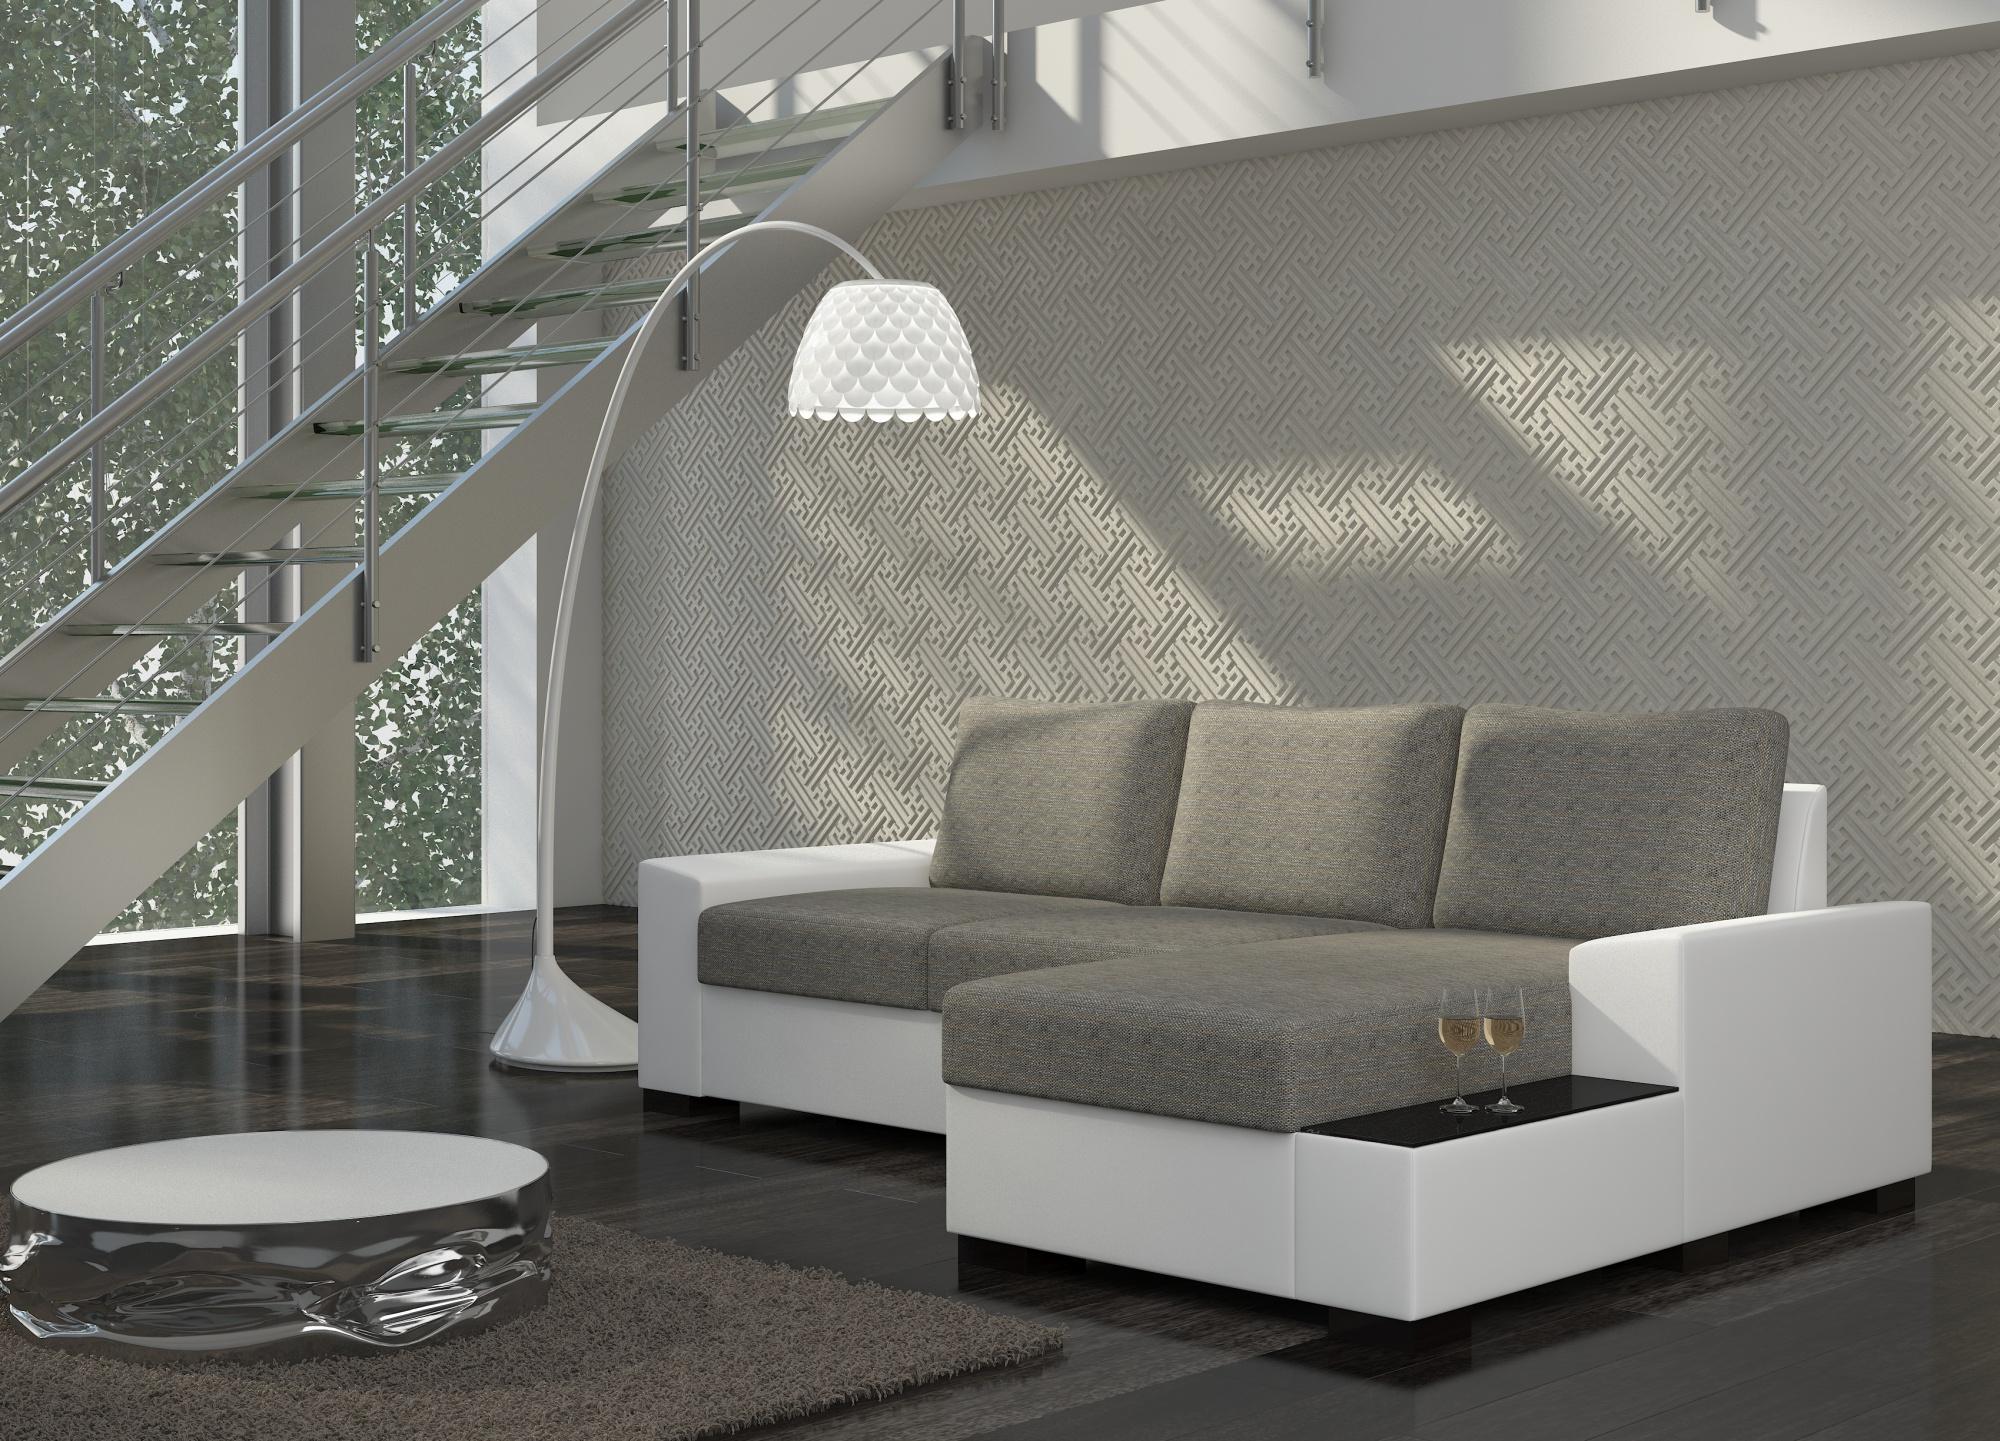 Rohová sedačka LORAND, pravá, šedá látka/bílá ekokůže